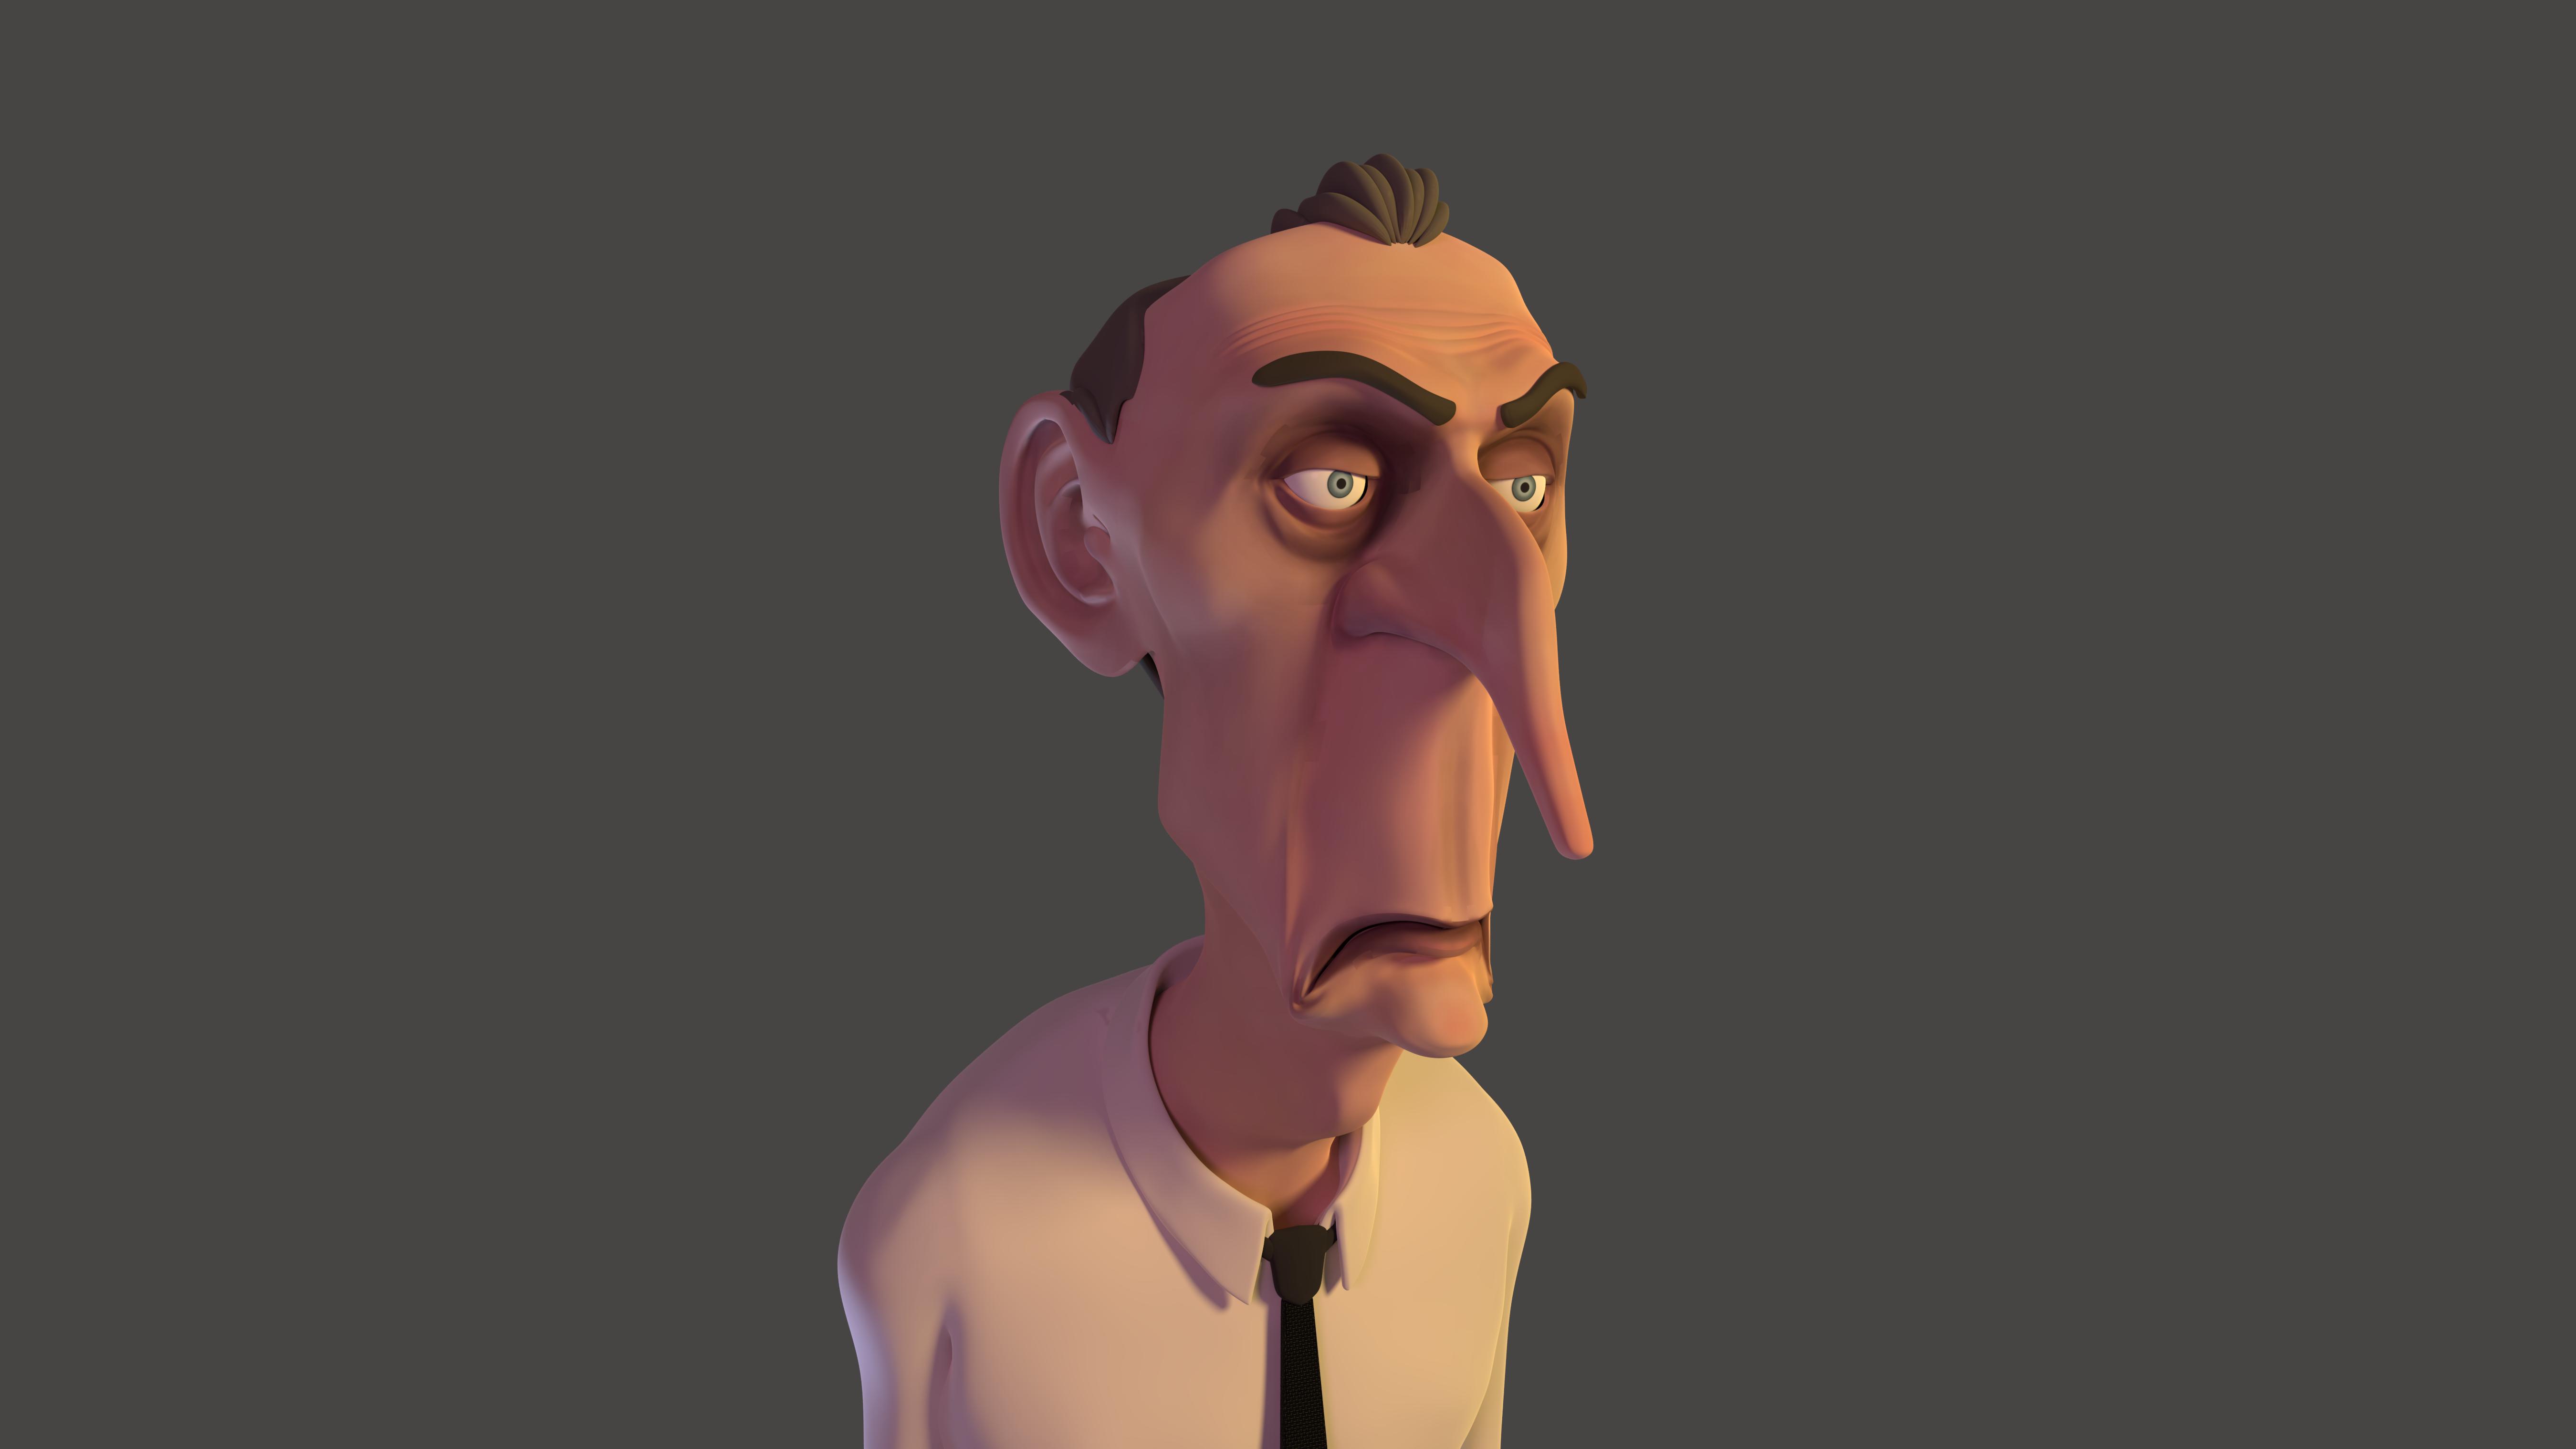 Julian Face